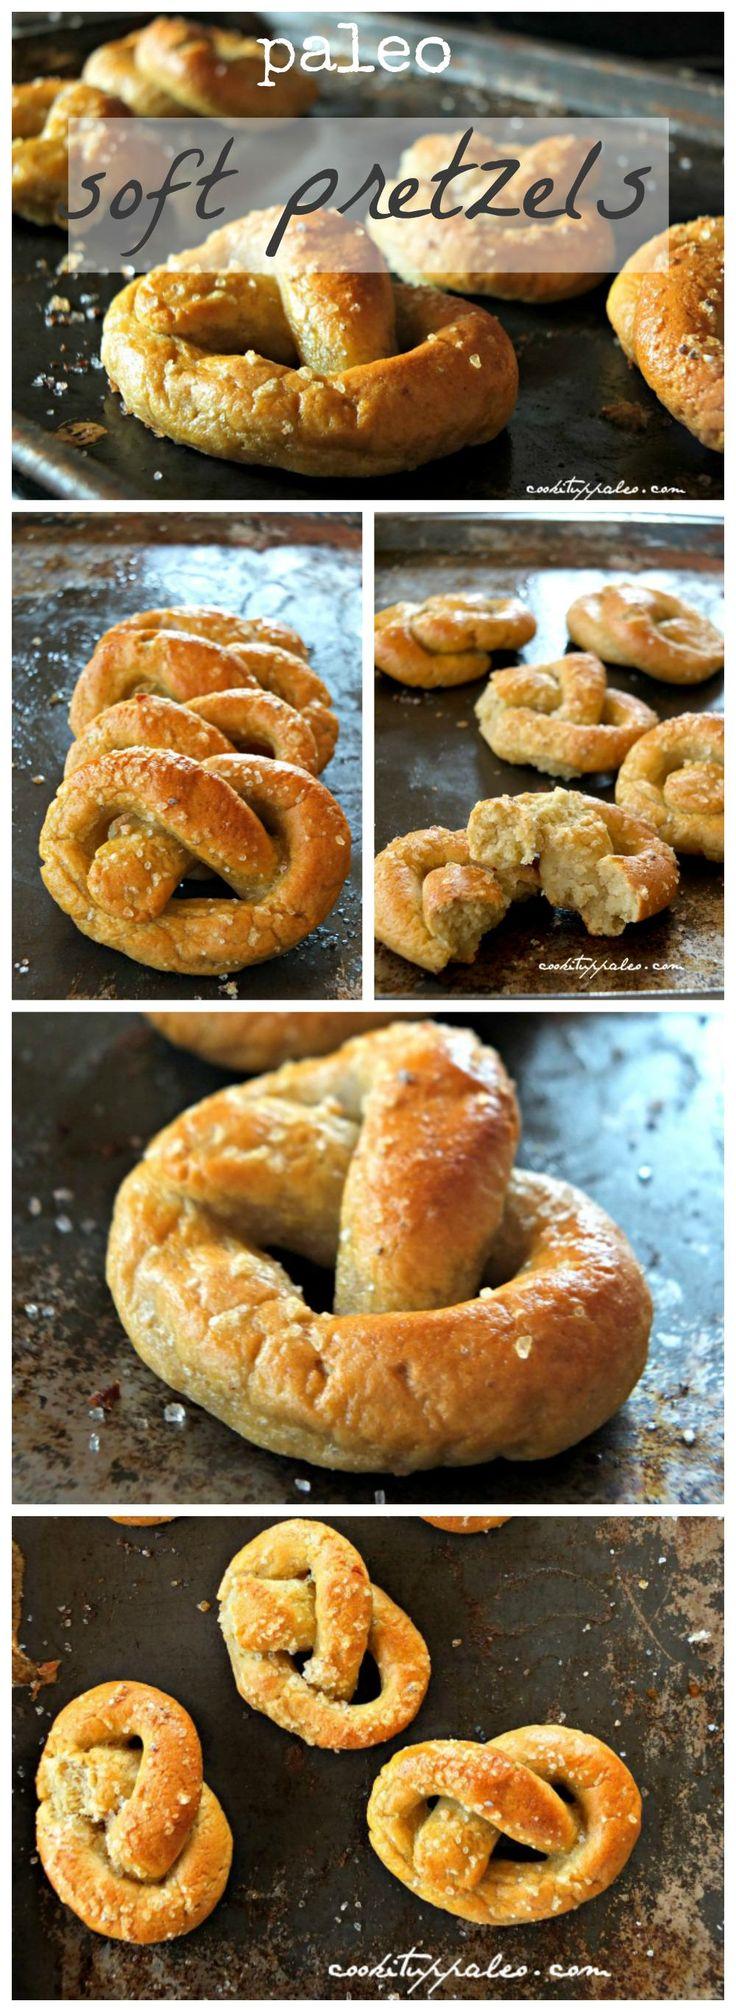 Paleo Soft Pretzels (nut-free) made with Otto's cassava flour